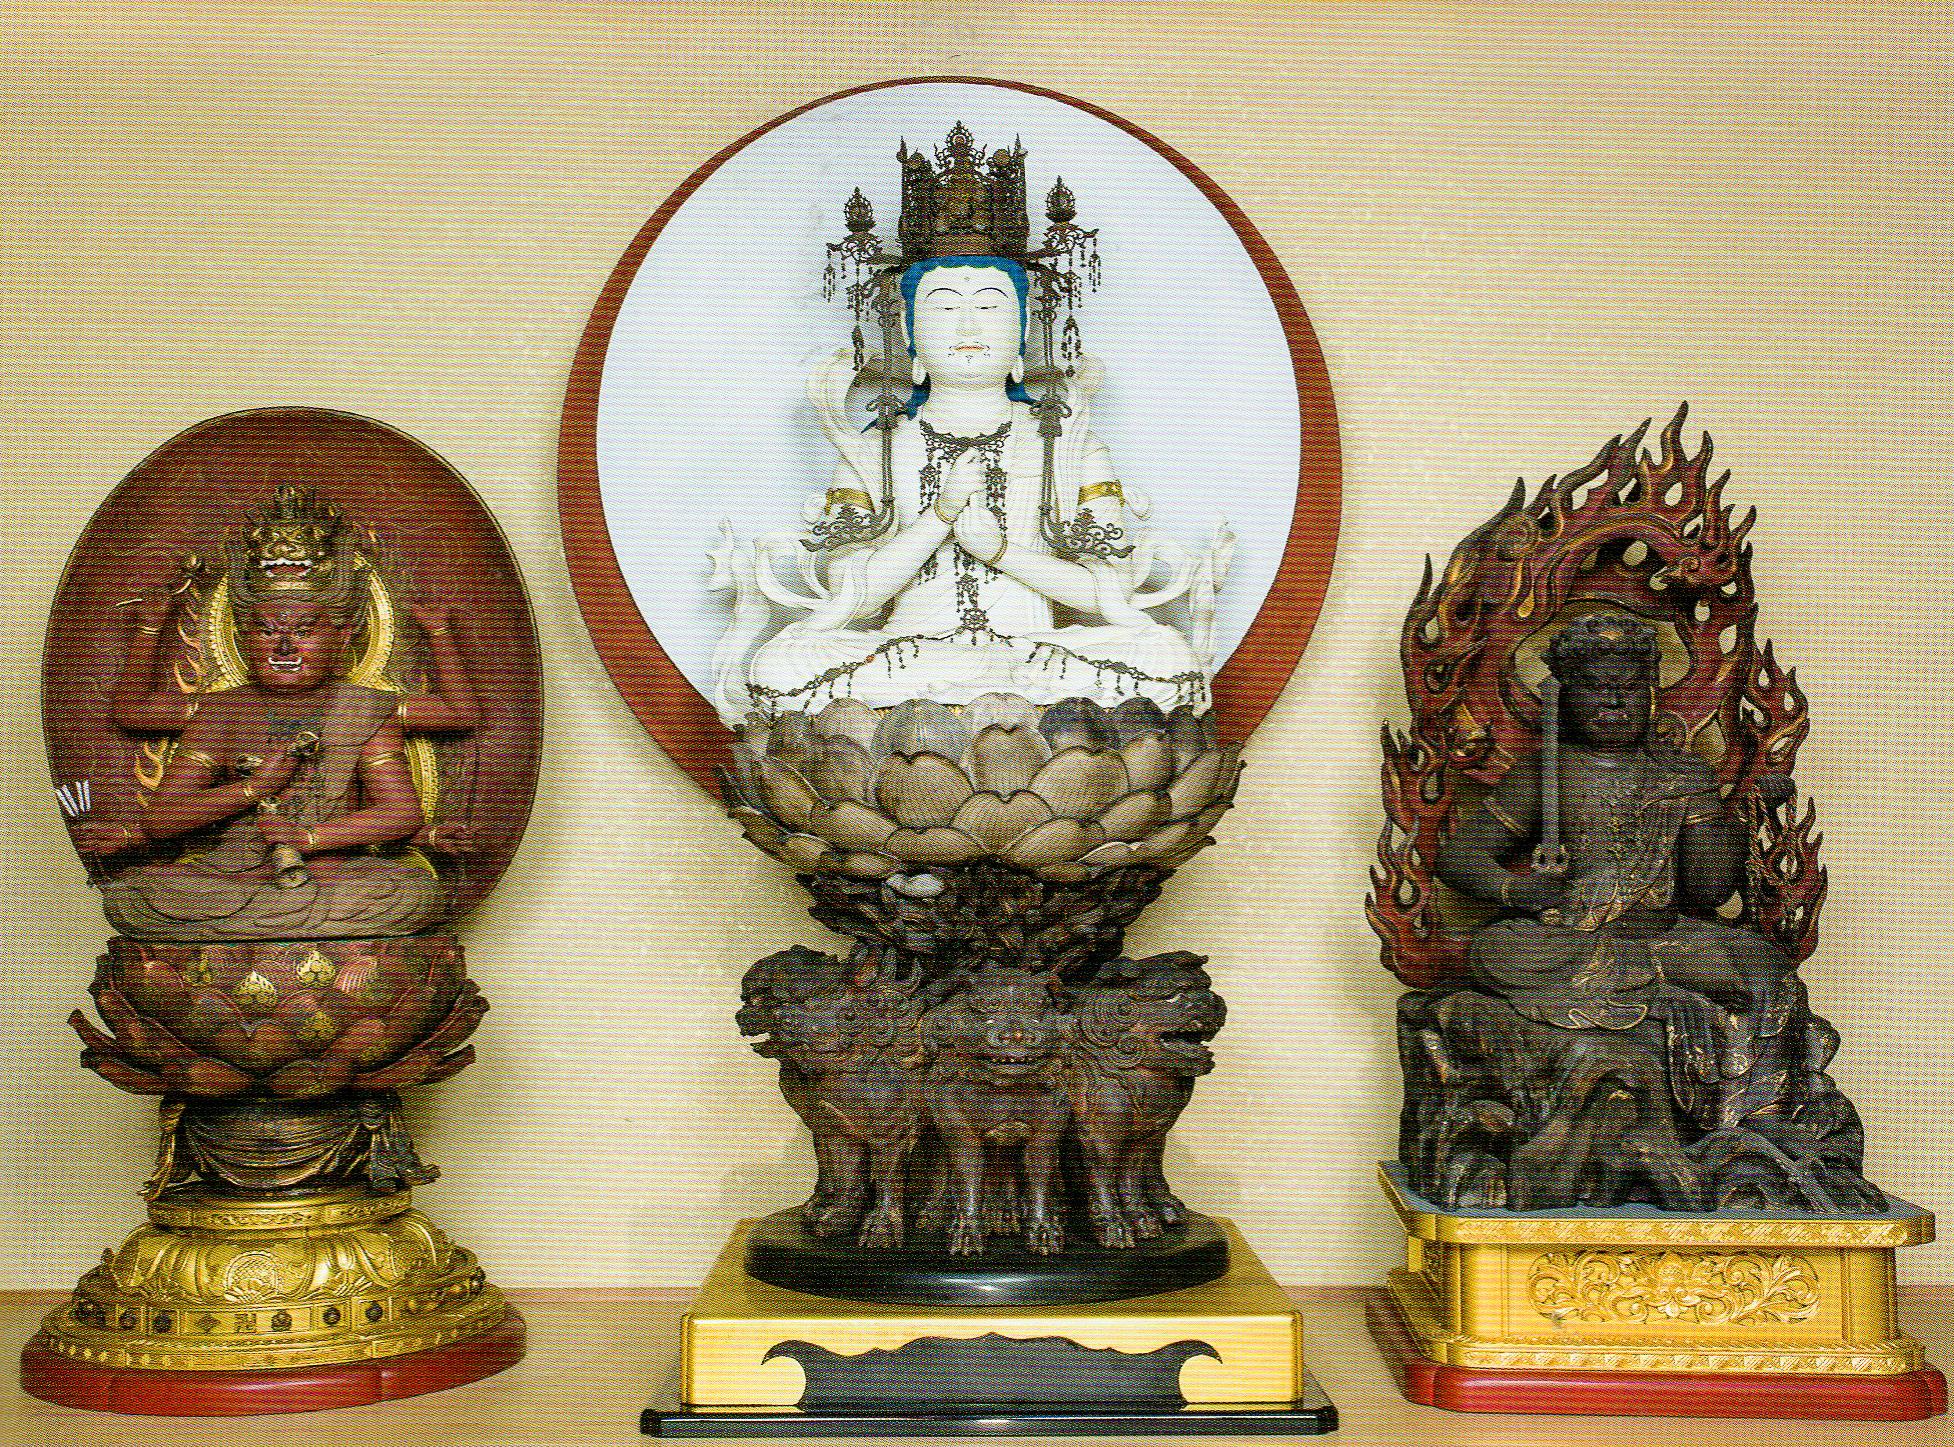 《一字金輪三尊坐像》(江戸時代、大阪・西願寺)